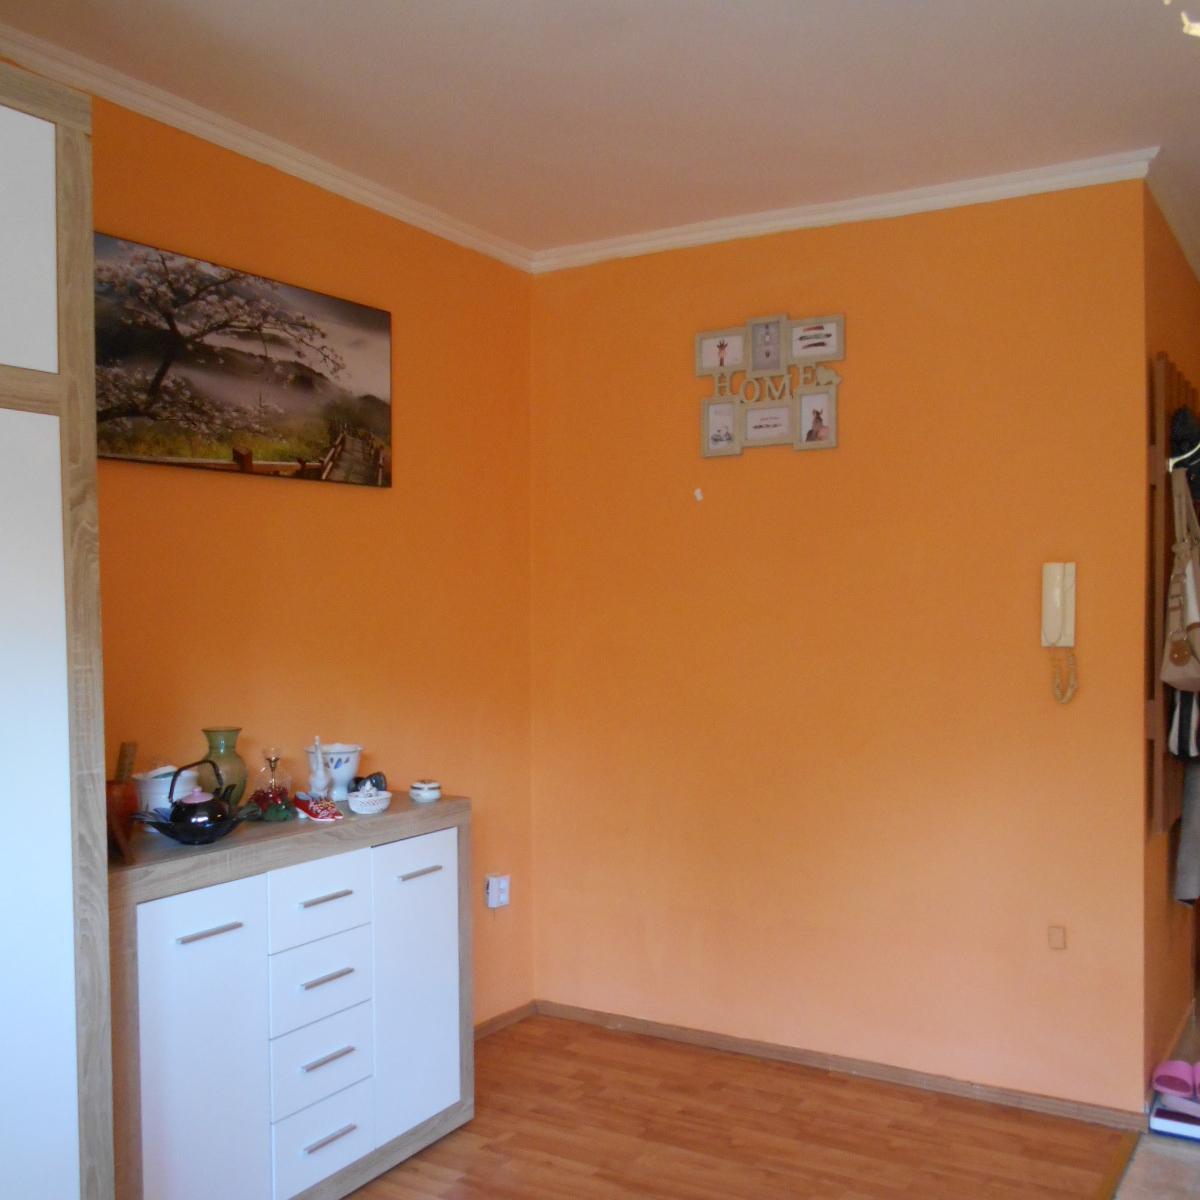 Eladó  téglalakás (Pest megye, Galgamácsa, Panoráma lakótelep) 11,9 M  Ft